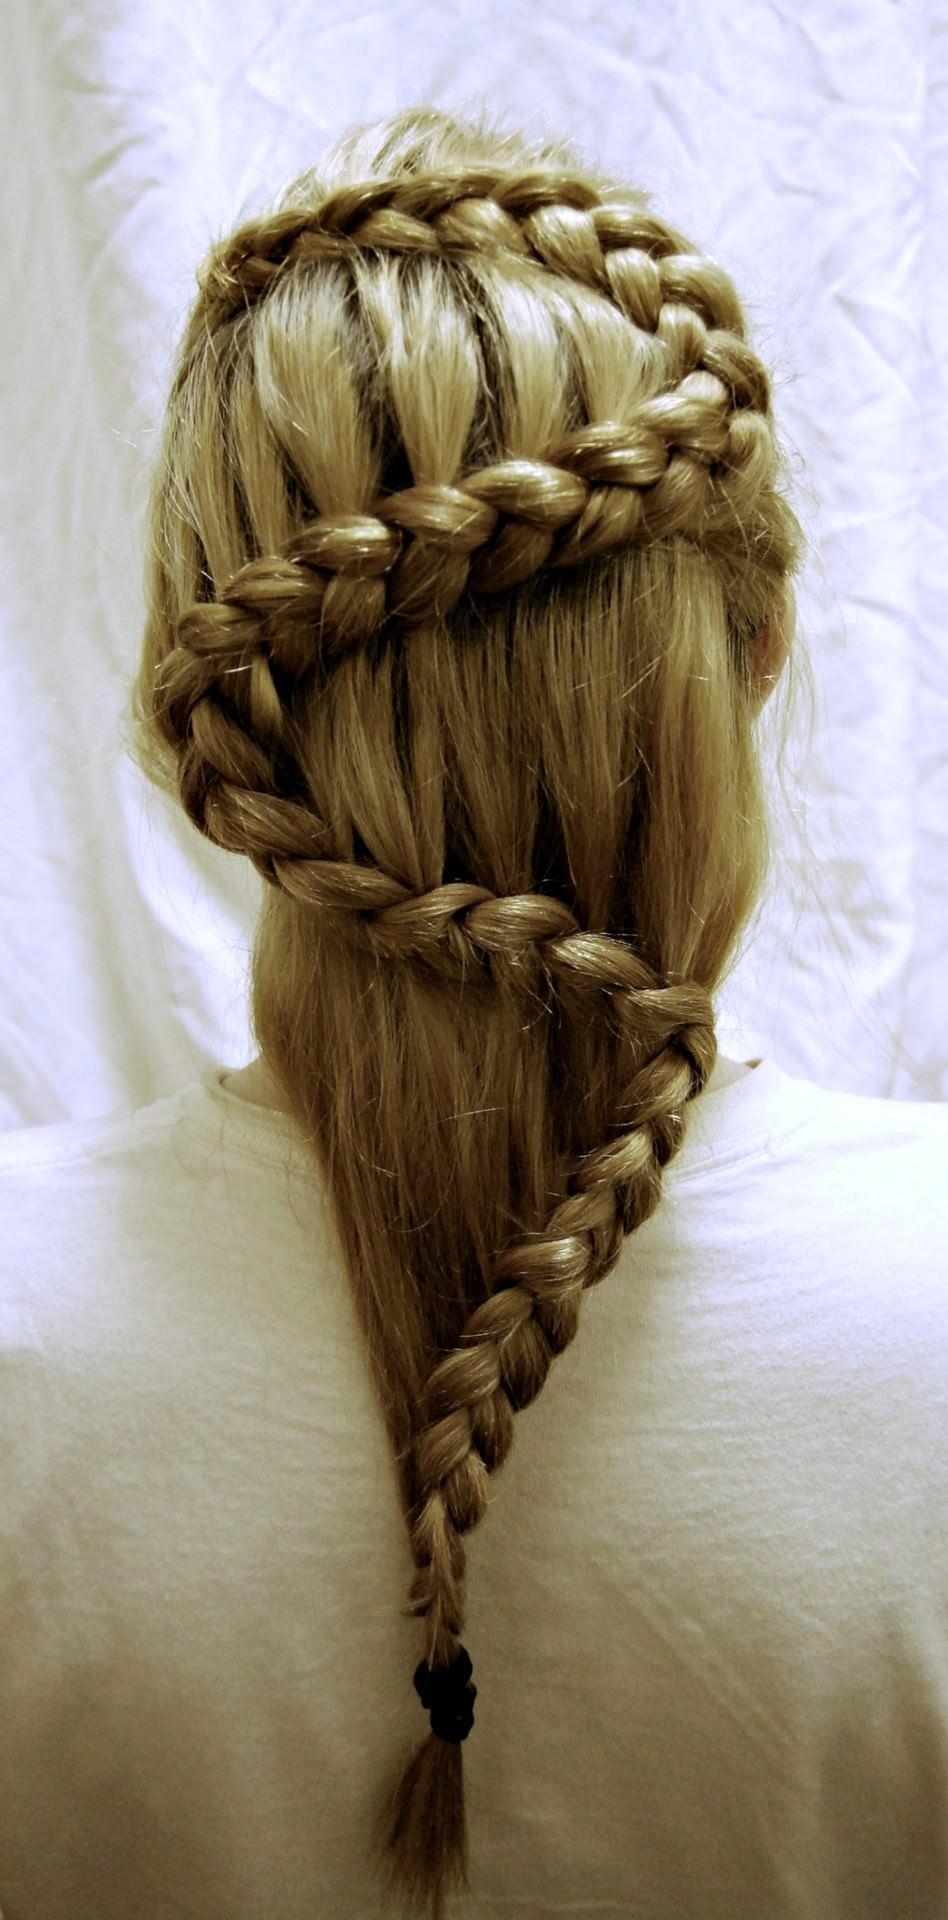 24 Long Braids Haircut Ideas Designs  Hairstyles